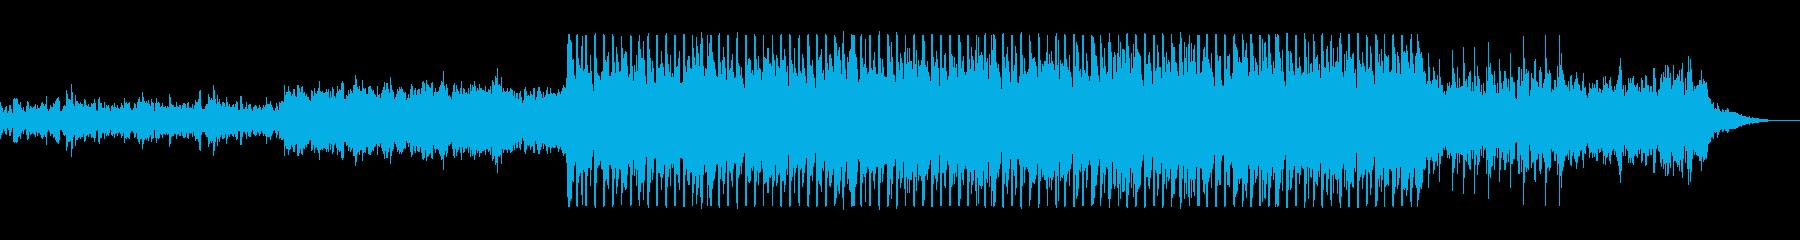 グラス系シーケンサーの軽やかテクノポップの再生済みの波形